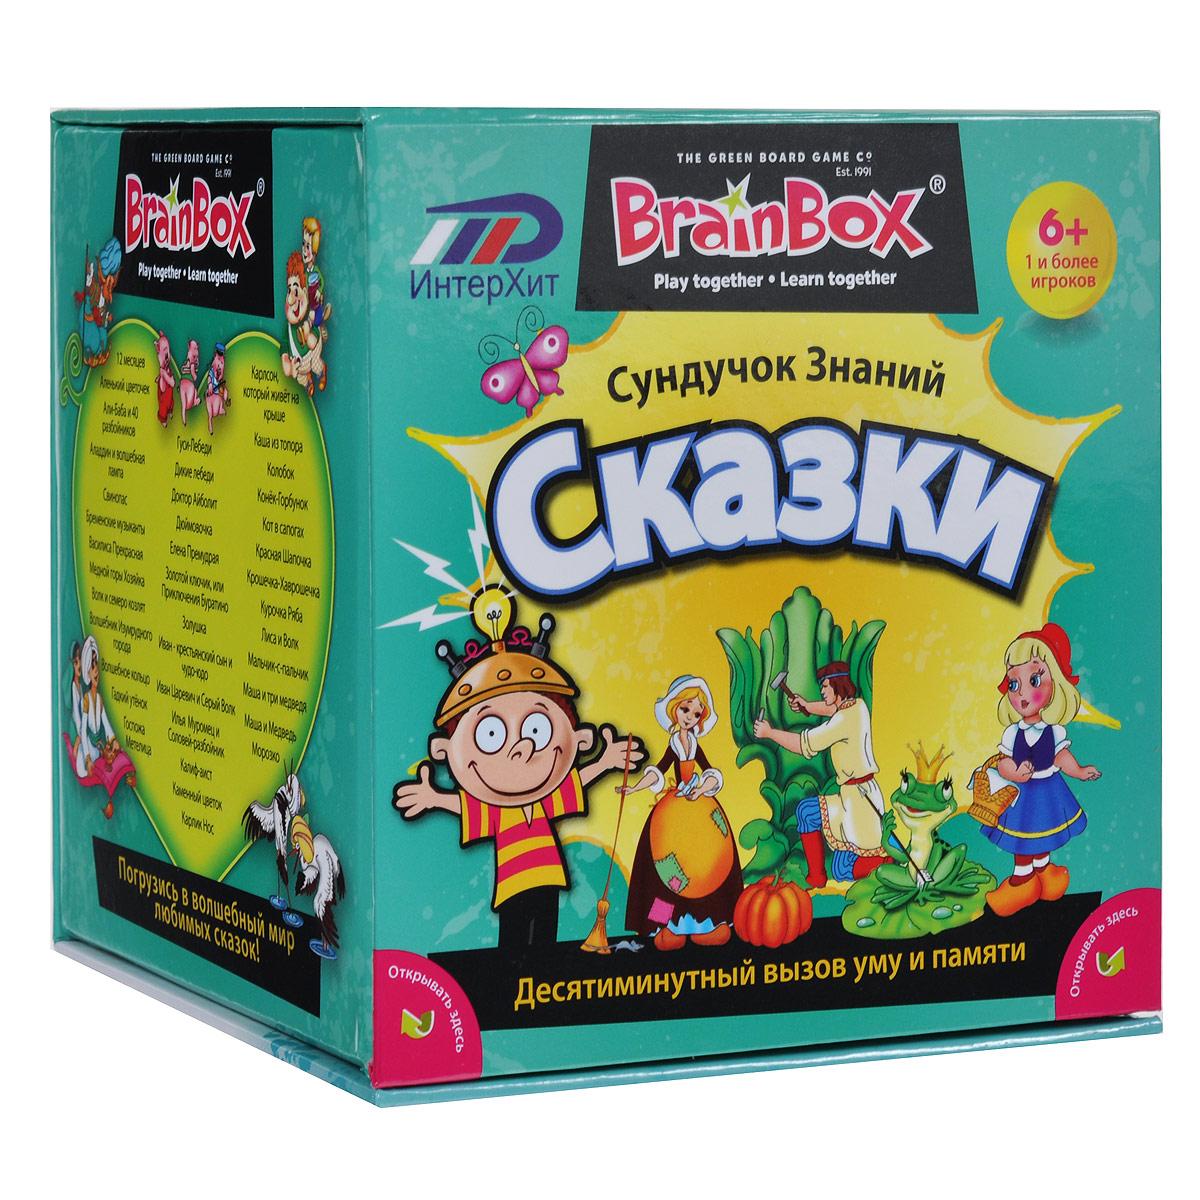 BrainBox Настольная игра Сундучок знаний Сказки90727Настольная игра Сундучок знаний: Сказки - это десятиминутный вызов уму и памяти. Игра включает 70 карточек со сказочной тематикой, песочные часы, игральный кубик и карточку с правилами игры на русском языке. Каждая карточка содержит название сказки, картинки и на обратной стороне - шесть вопросов, ответы на которые можно найти в картинках. Необходимо перевернуть песочные часы и изучить картинки в течение десяти секунд. Затем перевернуть карточку, бросить игральный кубик и ответить на вопрос, порядковый номер которого равен количеству выпавших на кубике очков. Если ответ верен, игрок забирает карточку, если нет - возвращает в коробку. По прошествии десяти минут производится подсчет накопившихся карточек. В эту игру можно играть как одному, так и в компании двух и более игроков. Как показывает практика, уже через 5 минут от игры не получается оторваться и взрослым людям, поэтому не удивительно, что игра является хитом продаж во многих странах.